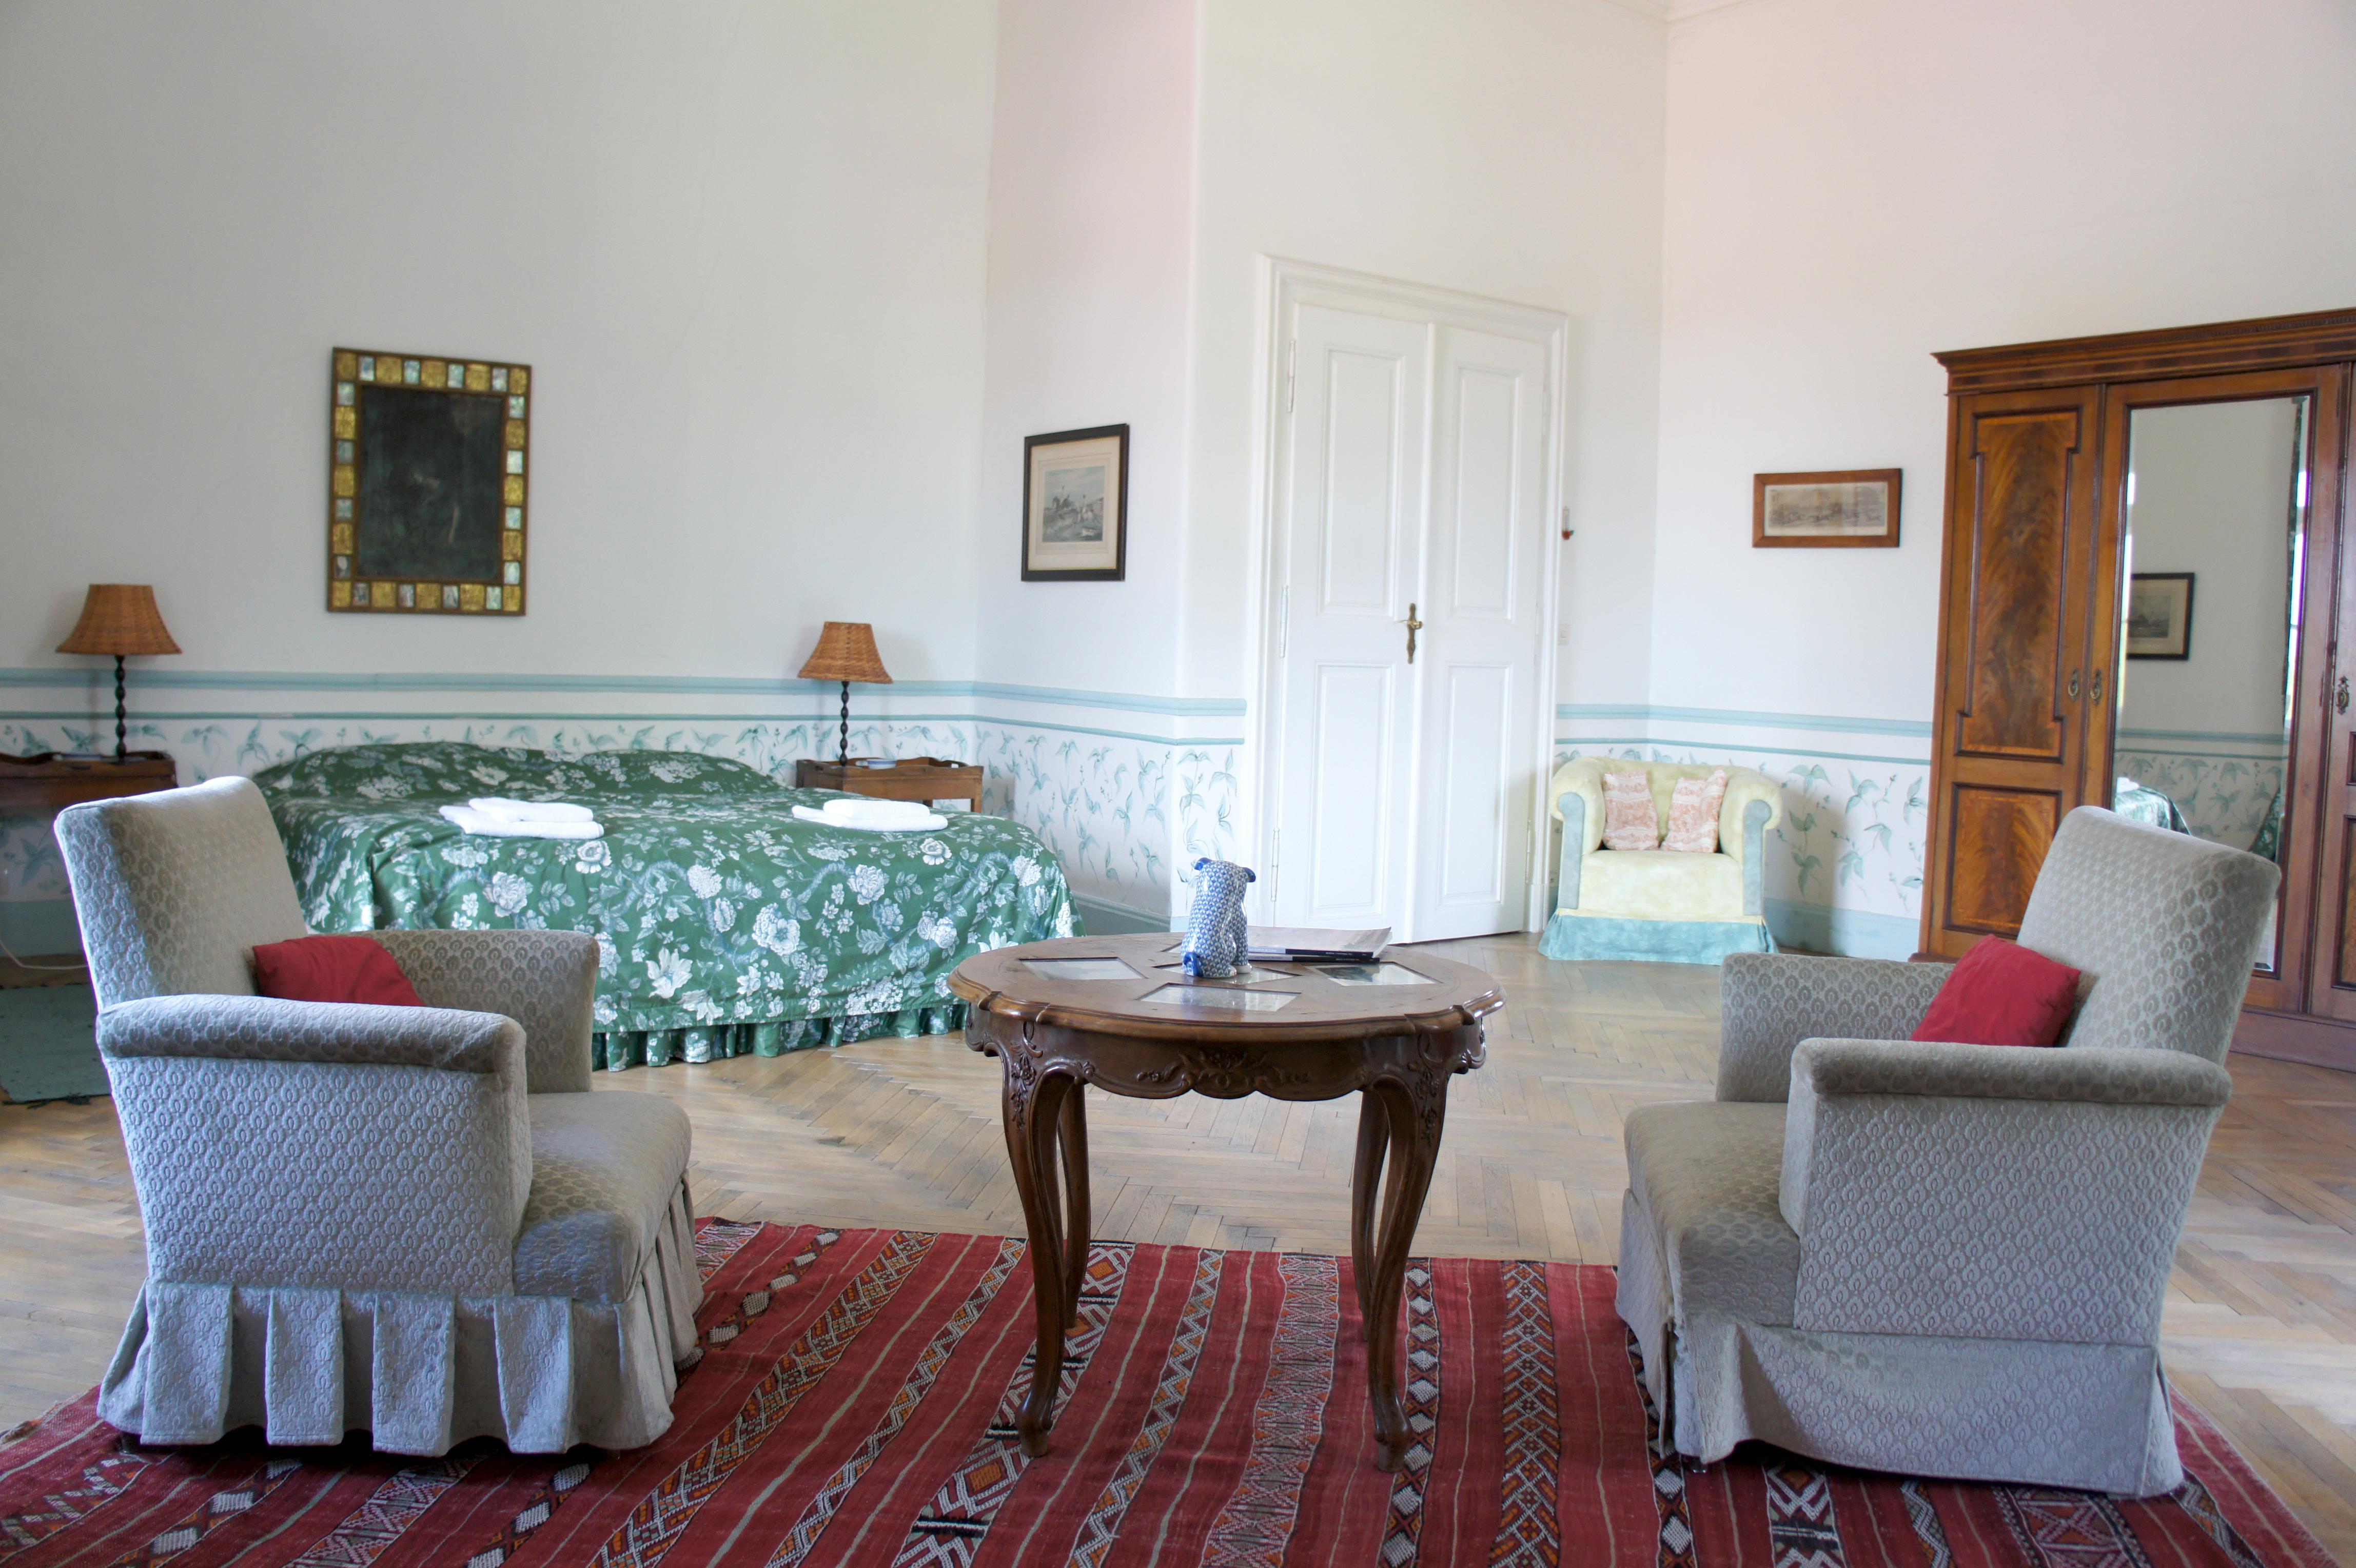 Appartement de vacances Luxuriöses, einzigartiges barockes Schloss, aufwendig eingerichtet (2306589), St. Pölten, Mostviertel, Basse Autriche, Autriche, image 10